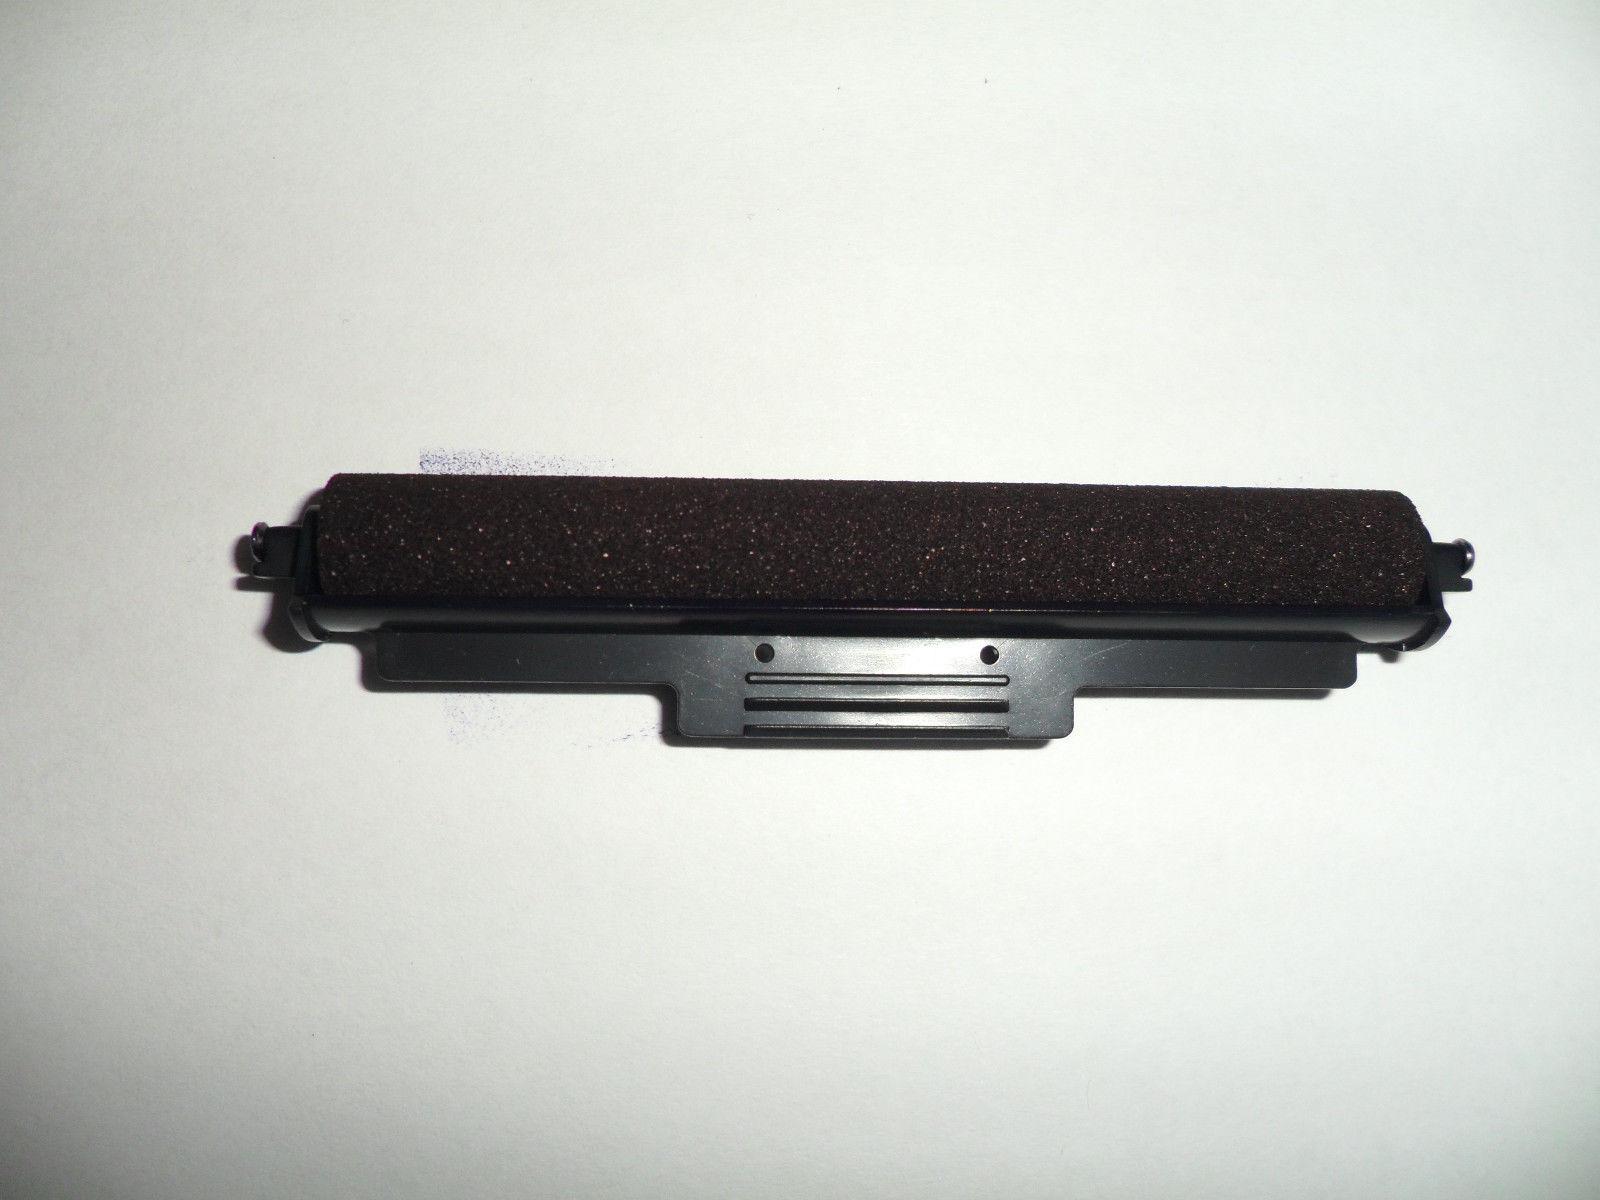 Omron RS2410 Cash Register Ink Roller (2 Pack) IR93 NR104